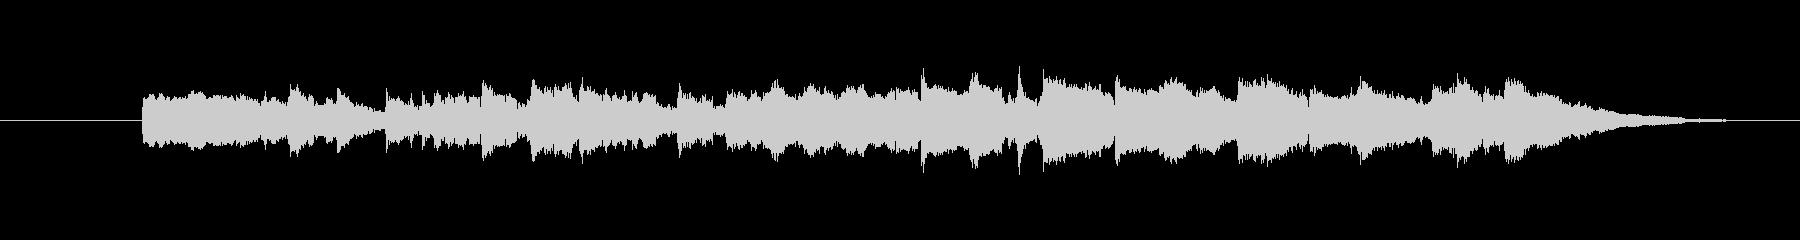 カントリー調のミュージックの未再生の波形